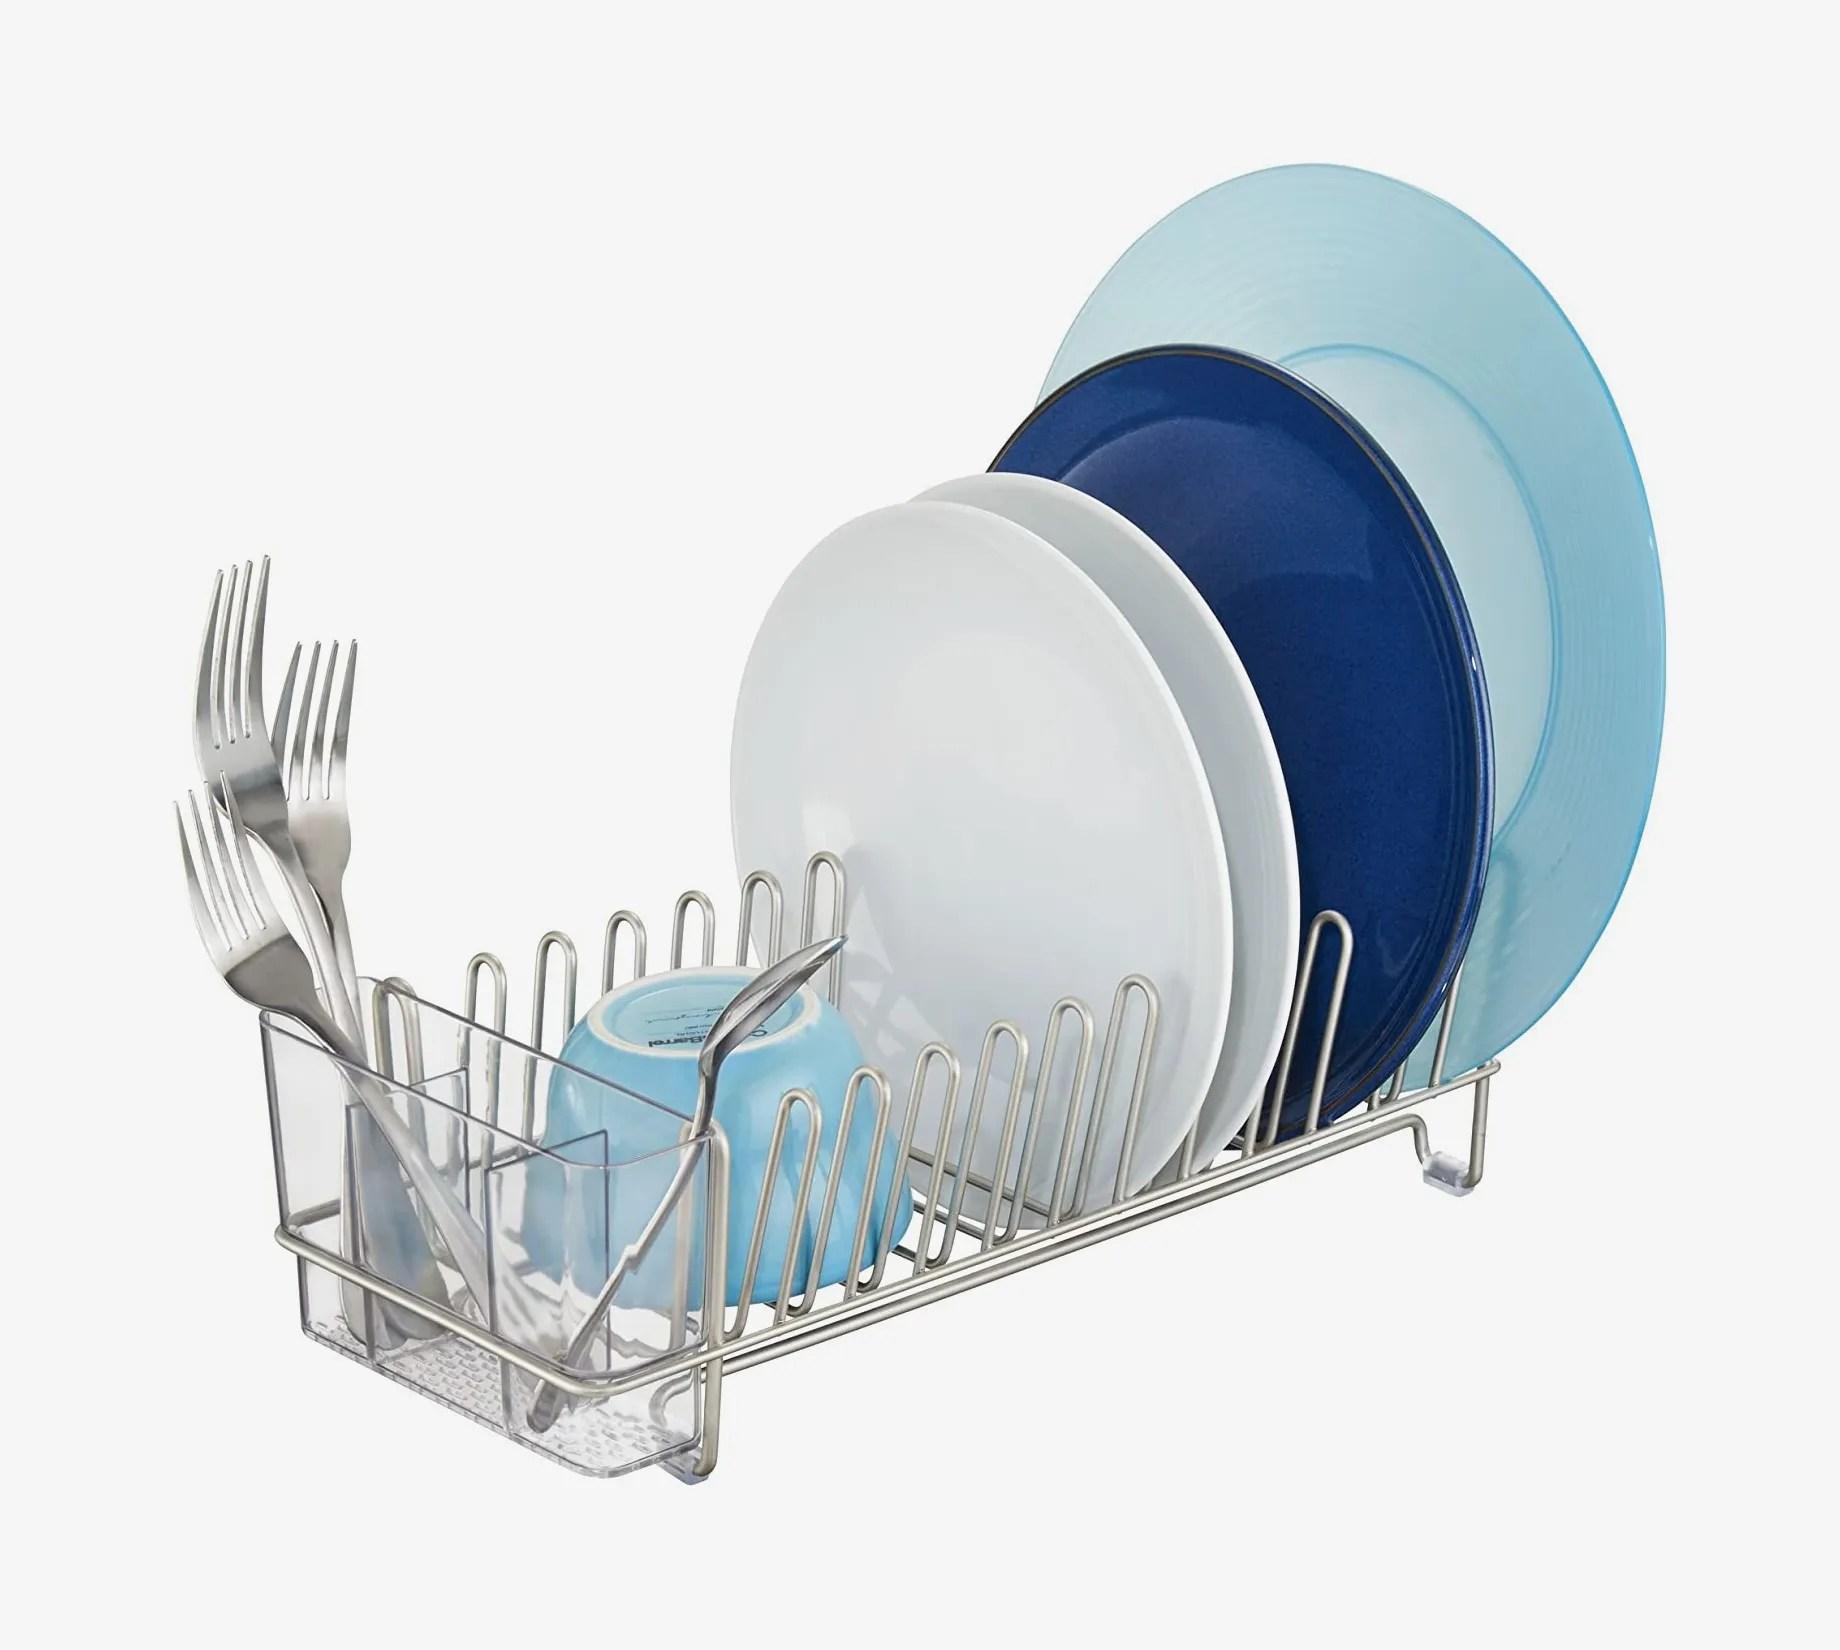 idesign classico metal dish drainer rack